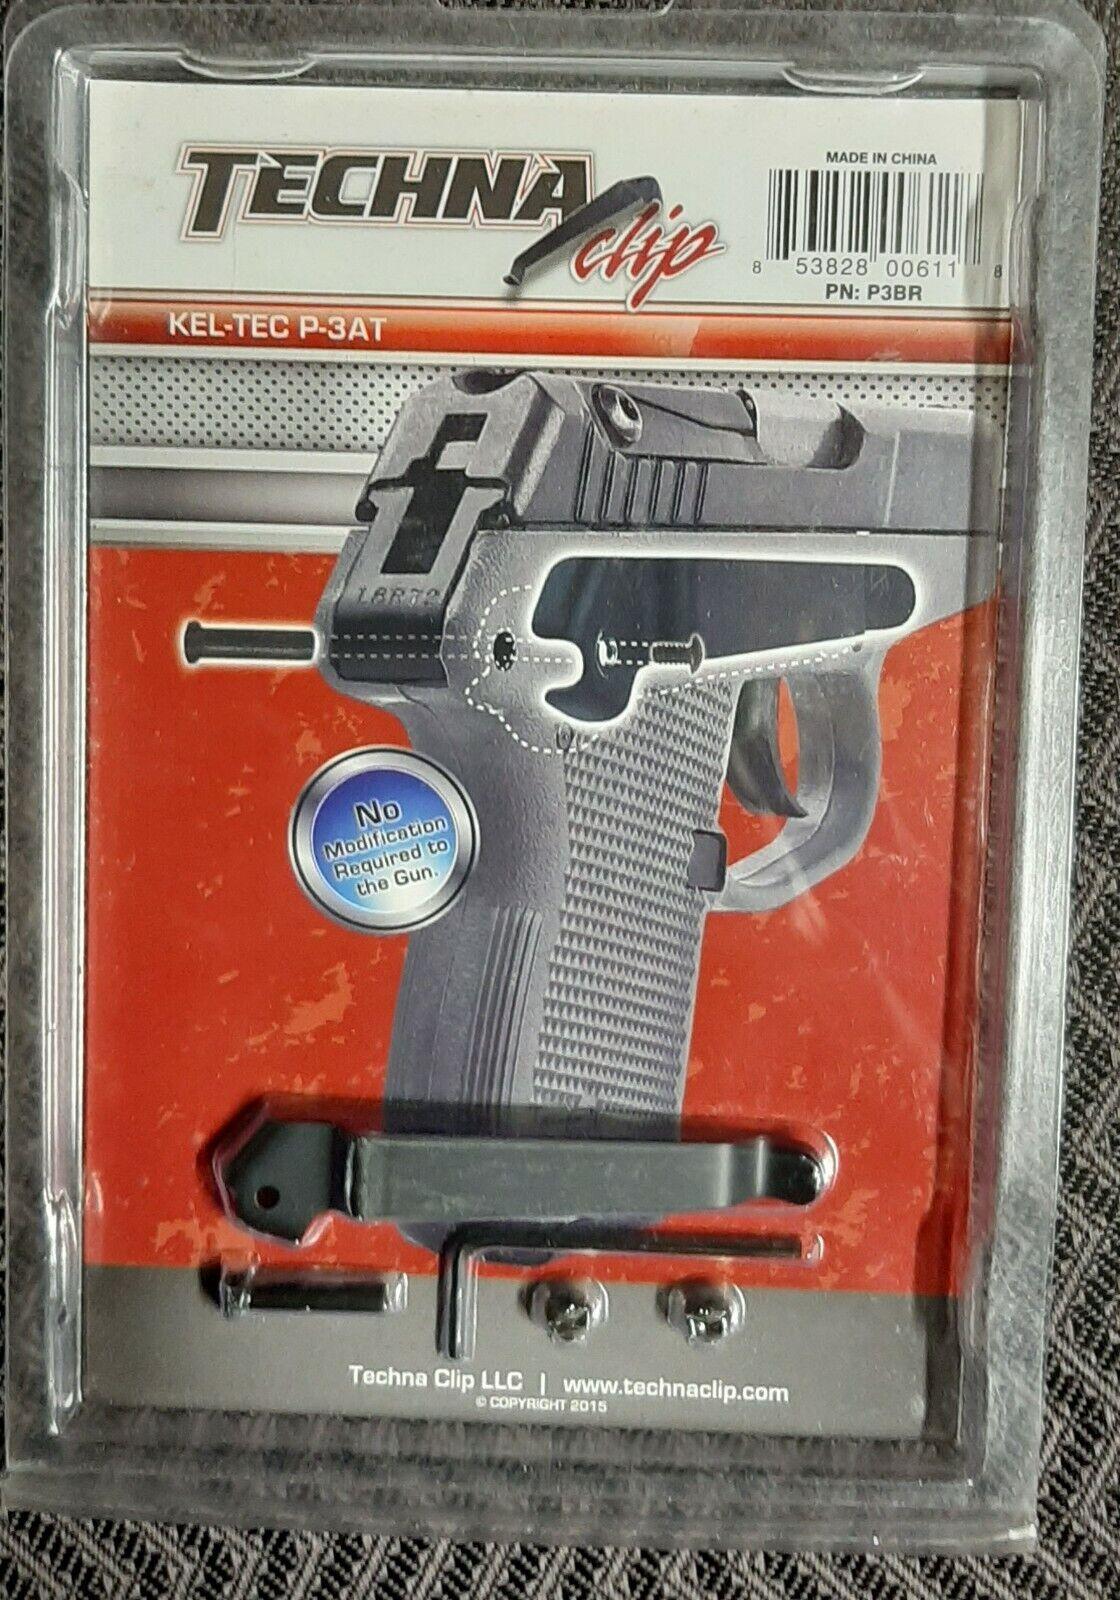 Techna Clip P3BR Keltec P3at RH BLK for sale online